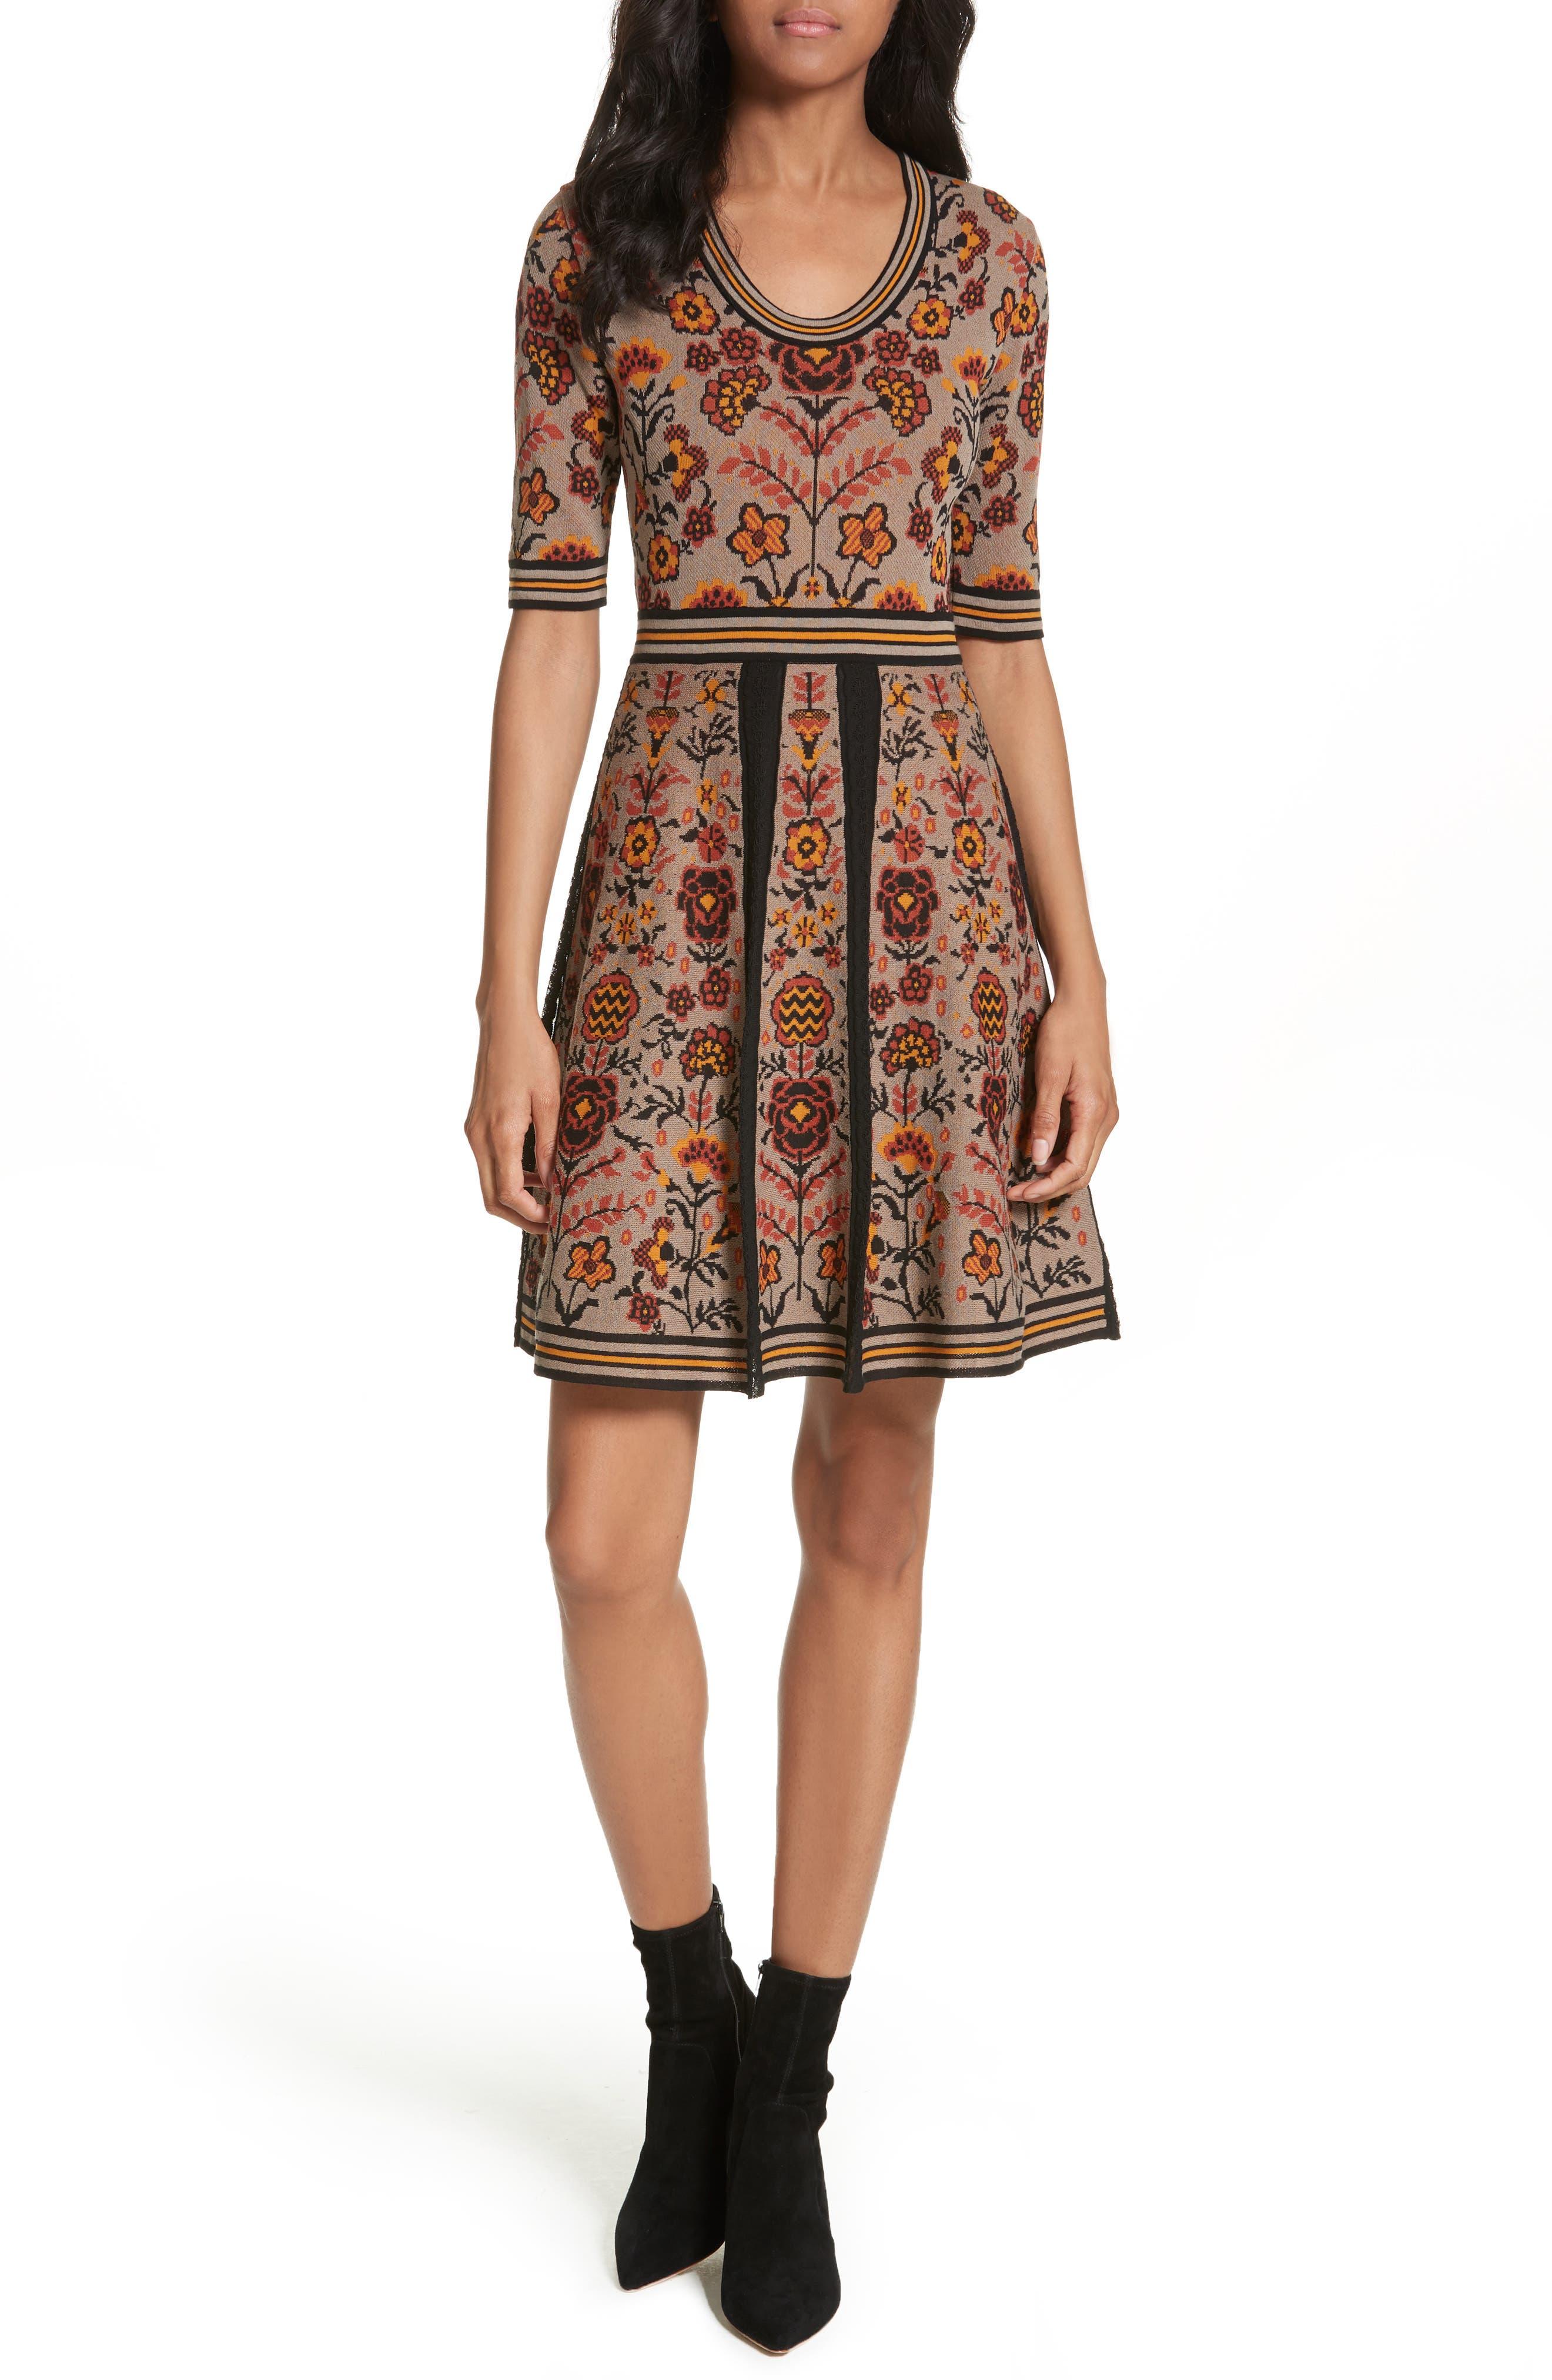 Main Image - M Missoni Floral Jacquard Knit Dress